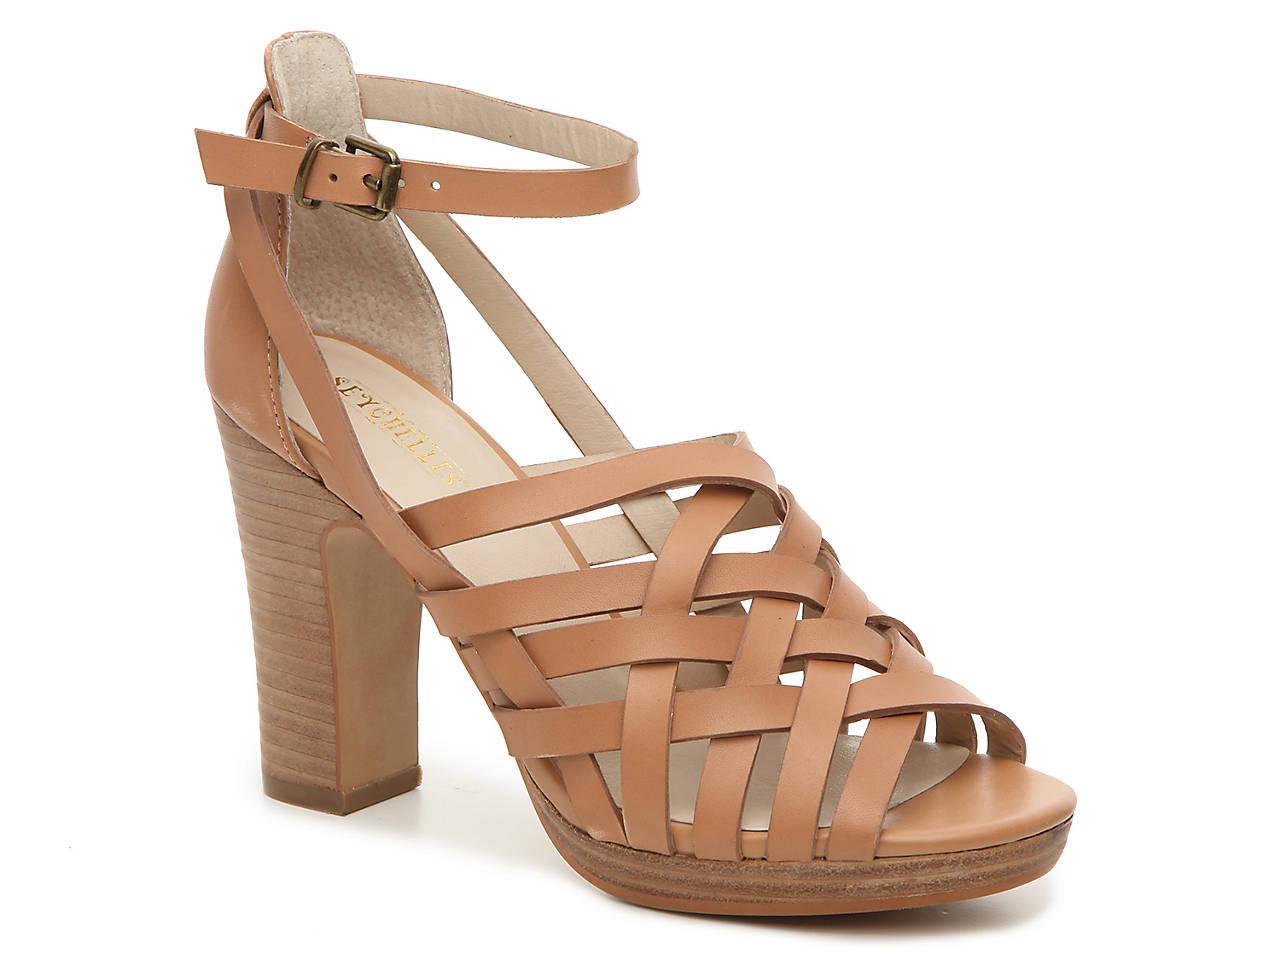 dc090bfb4c814 Seychelles Essence Sandal Women s Shoes